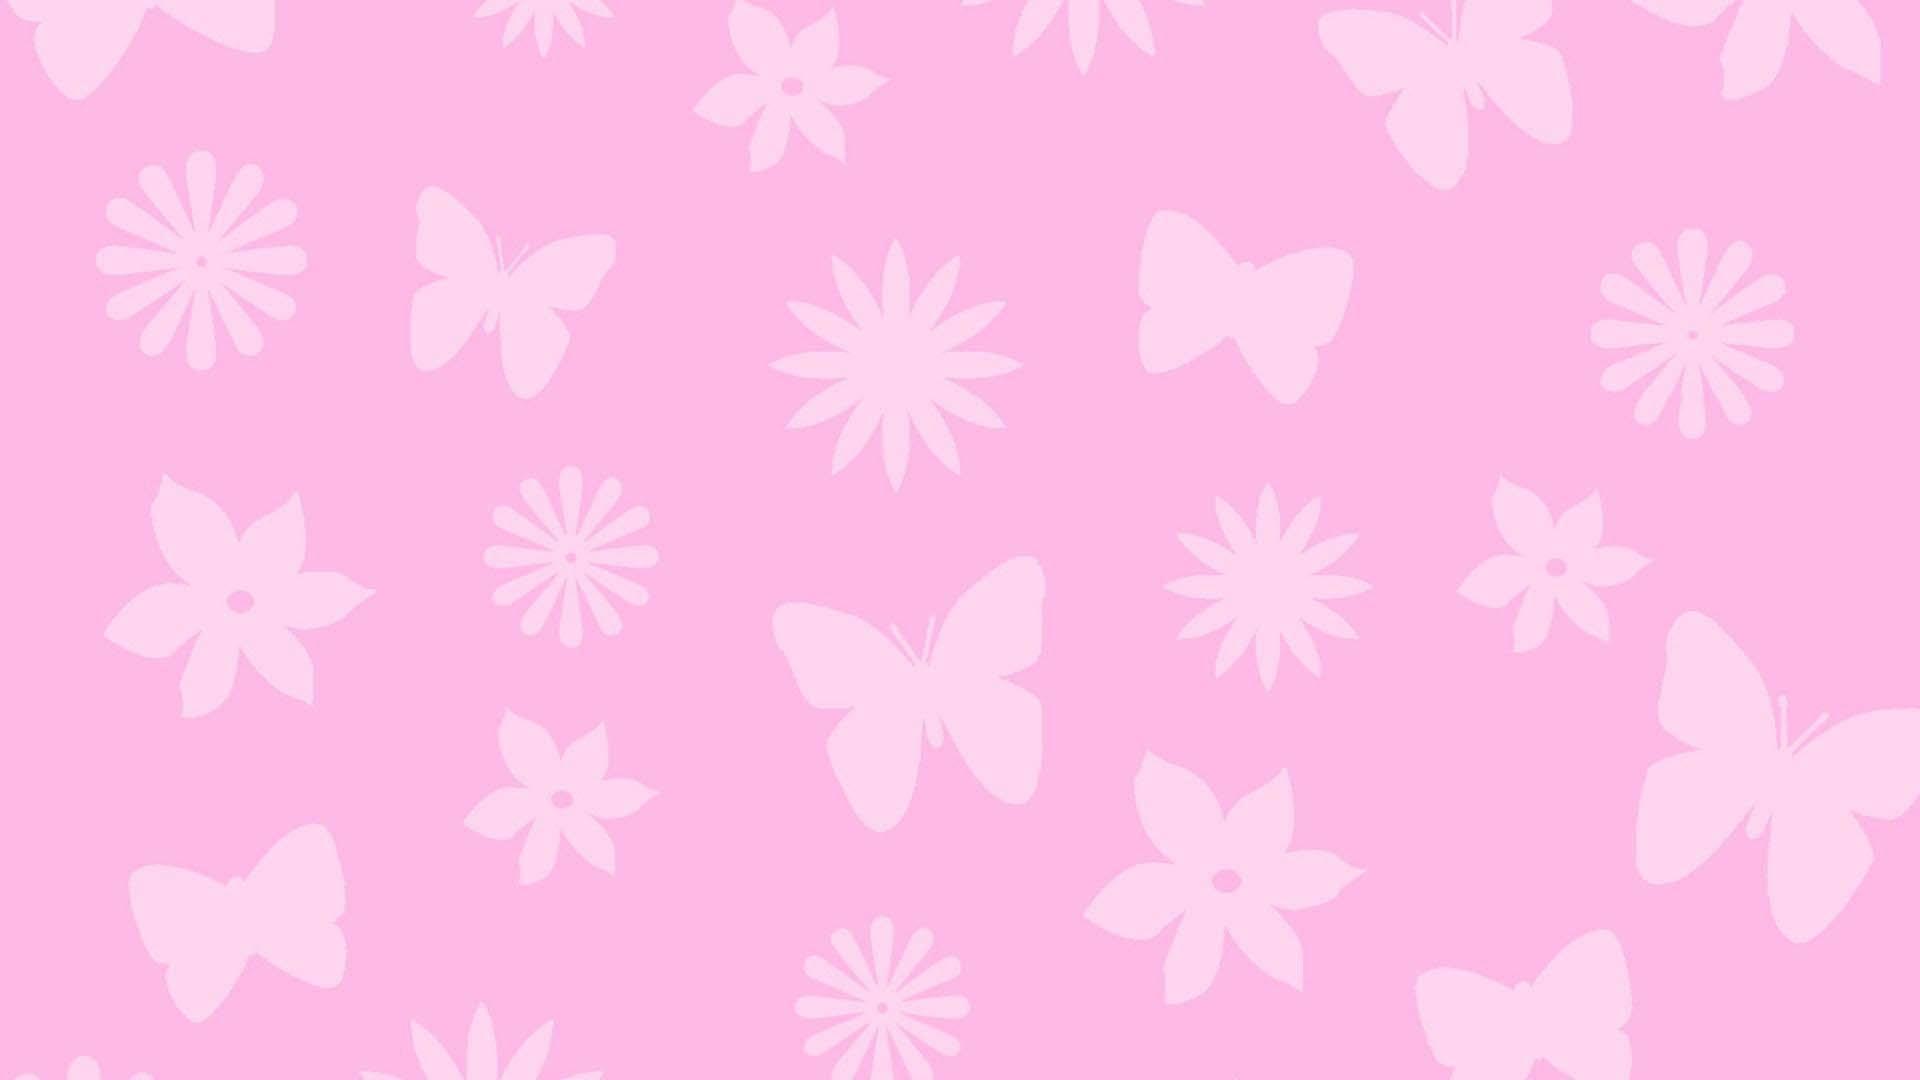 Hình wallpaper màu hồng dễ thương